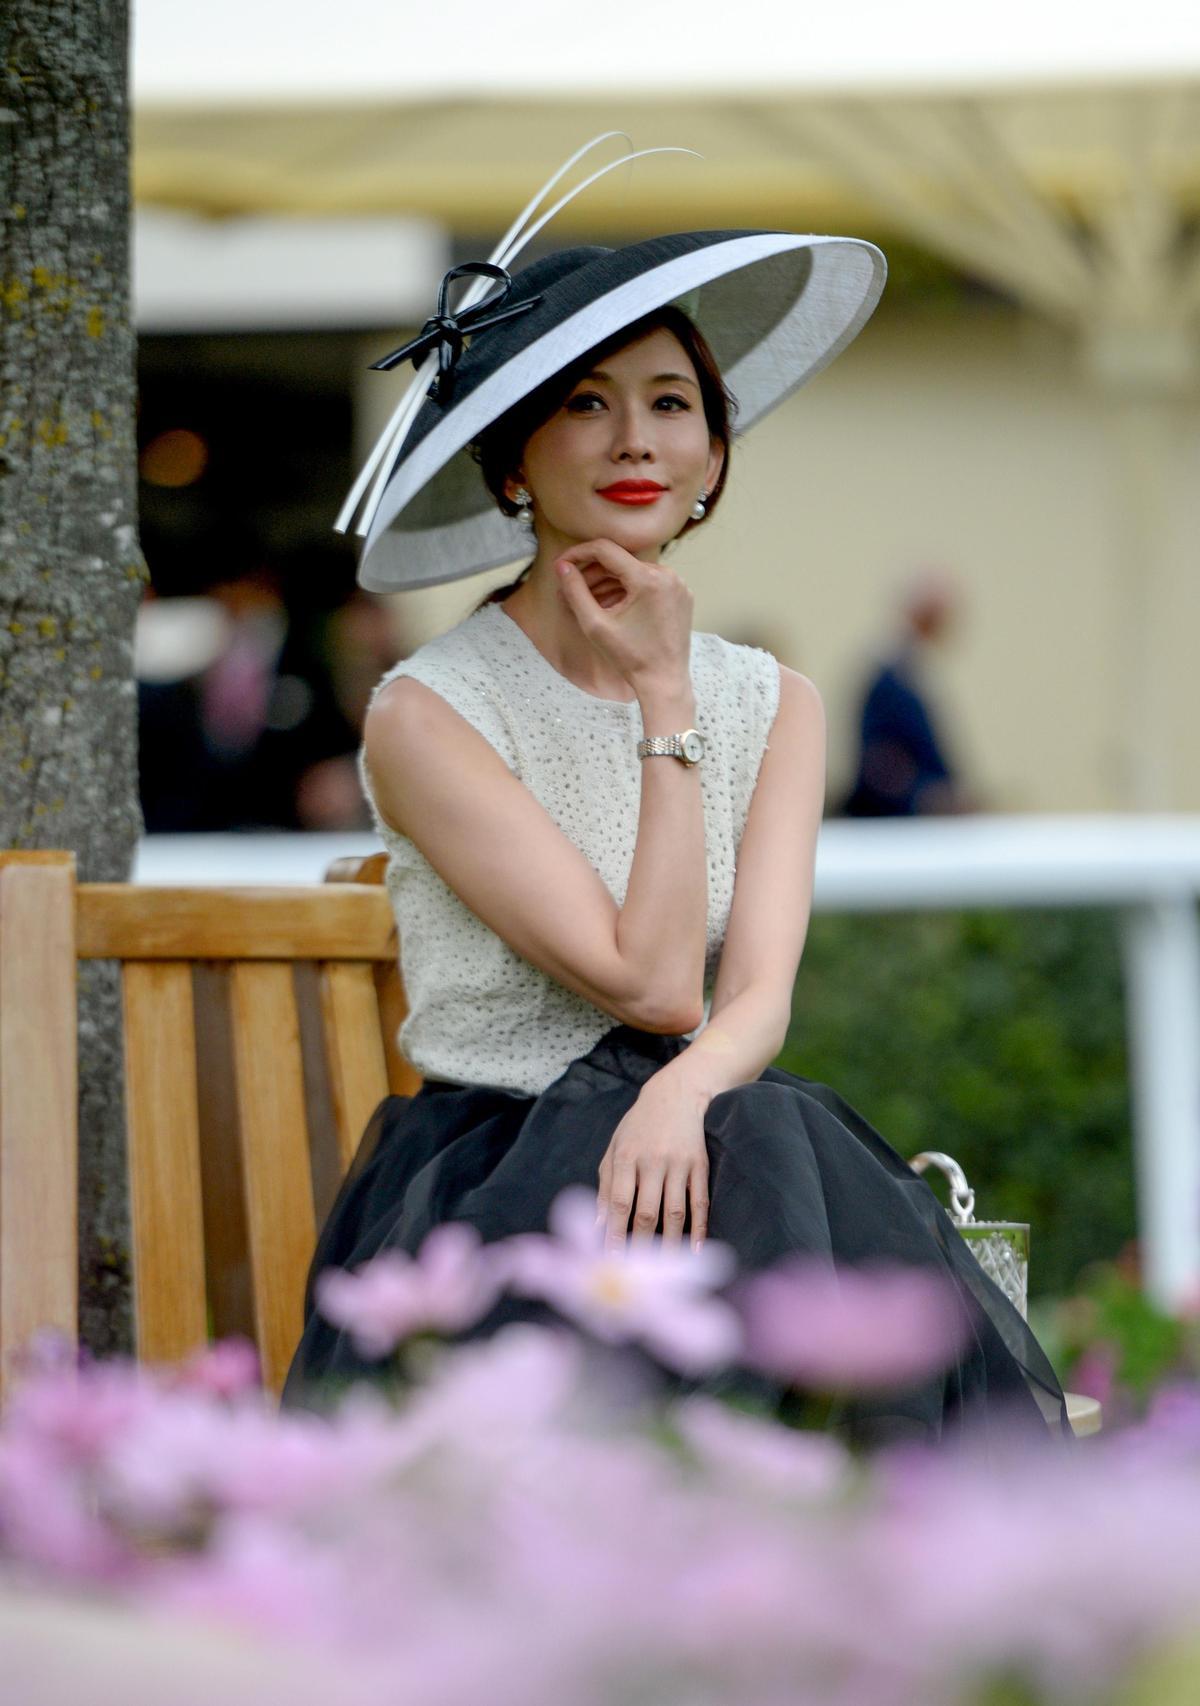 林志玲配戴浪琴表出席英國皇家賽馬會活動,顯得氣色極佳。(浪琴表提供)